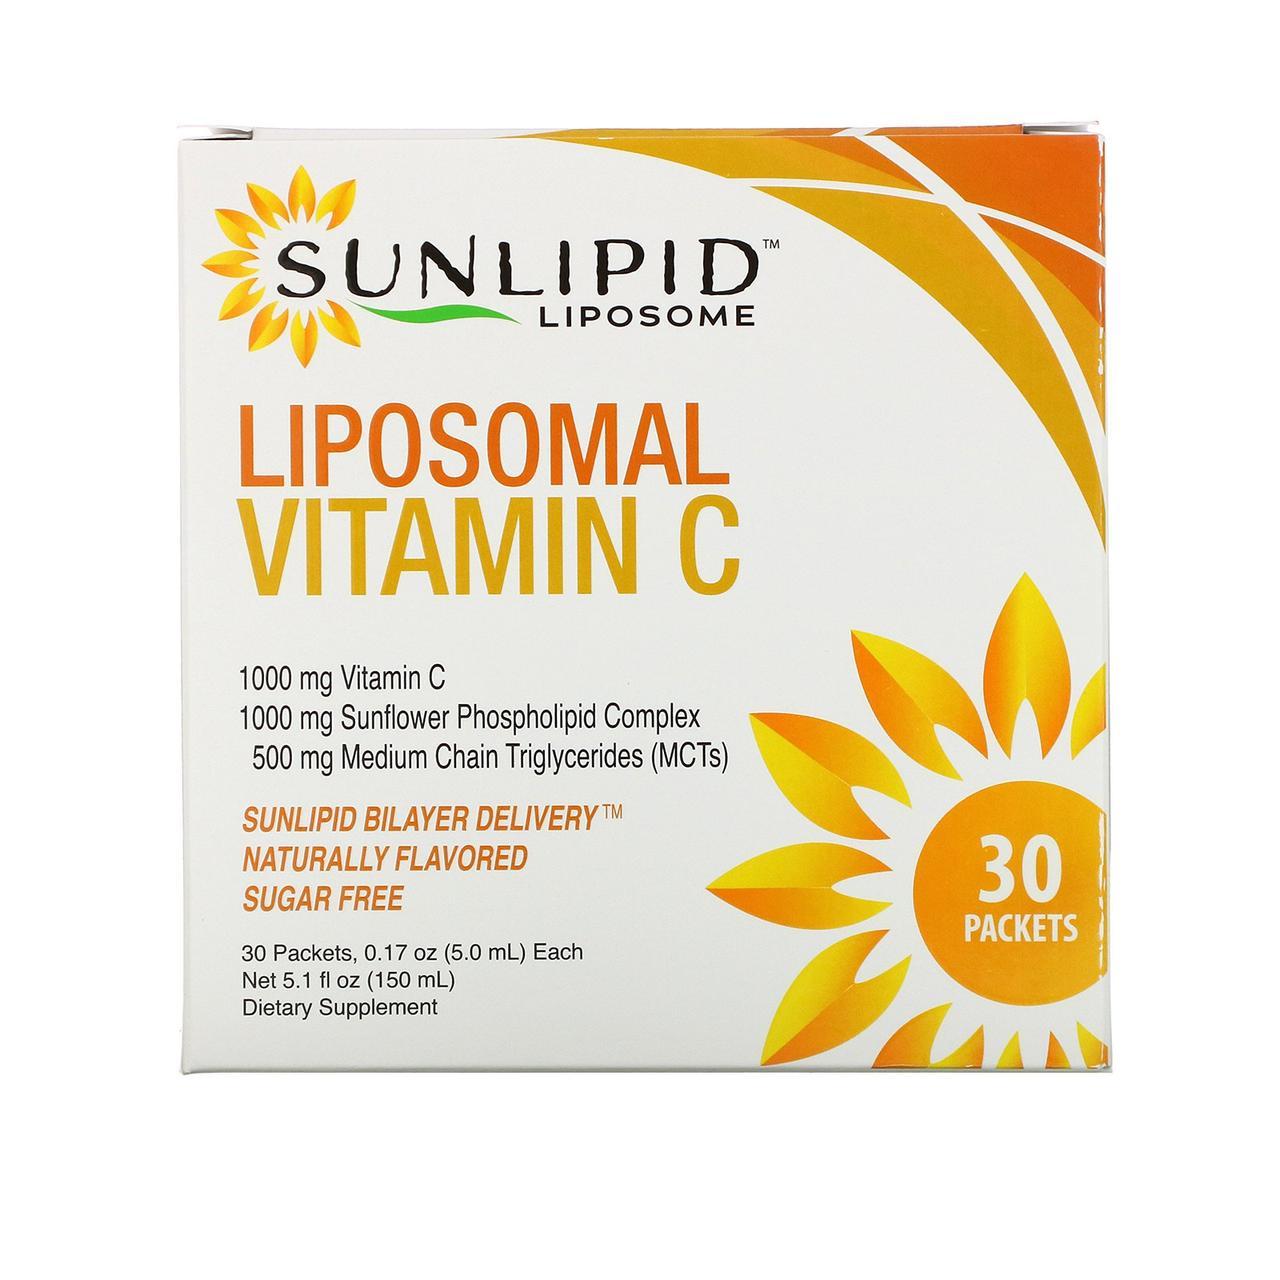 Липосомальный витамин С SunLipid, 30 пакетиков (5 мл каждый)